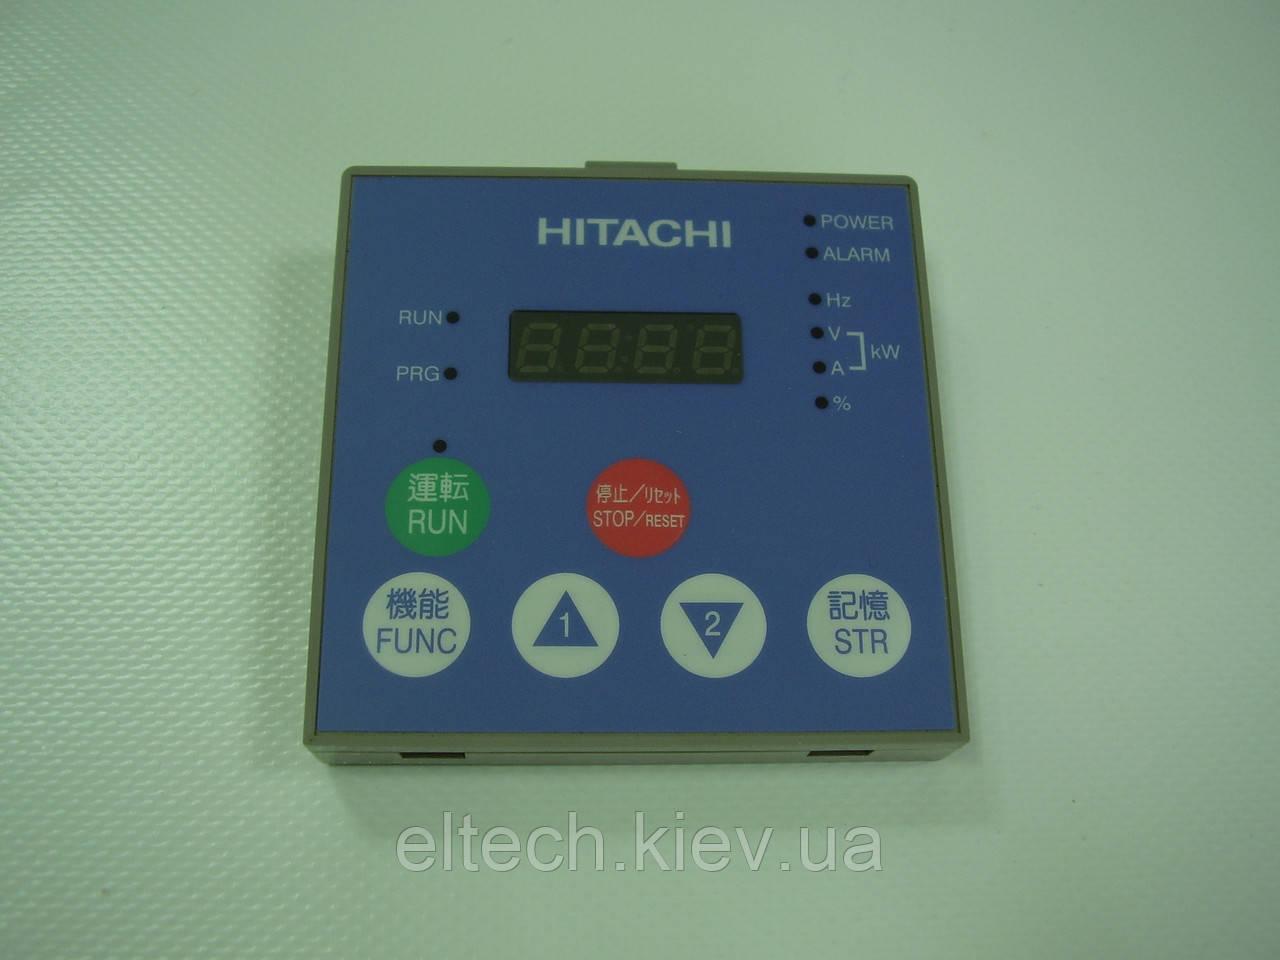 СНЯТО С ПРОИЗВОДСТВА! OPE-S выносной пульт для преобразователей частоты Hitachi